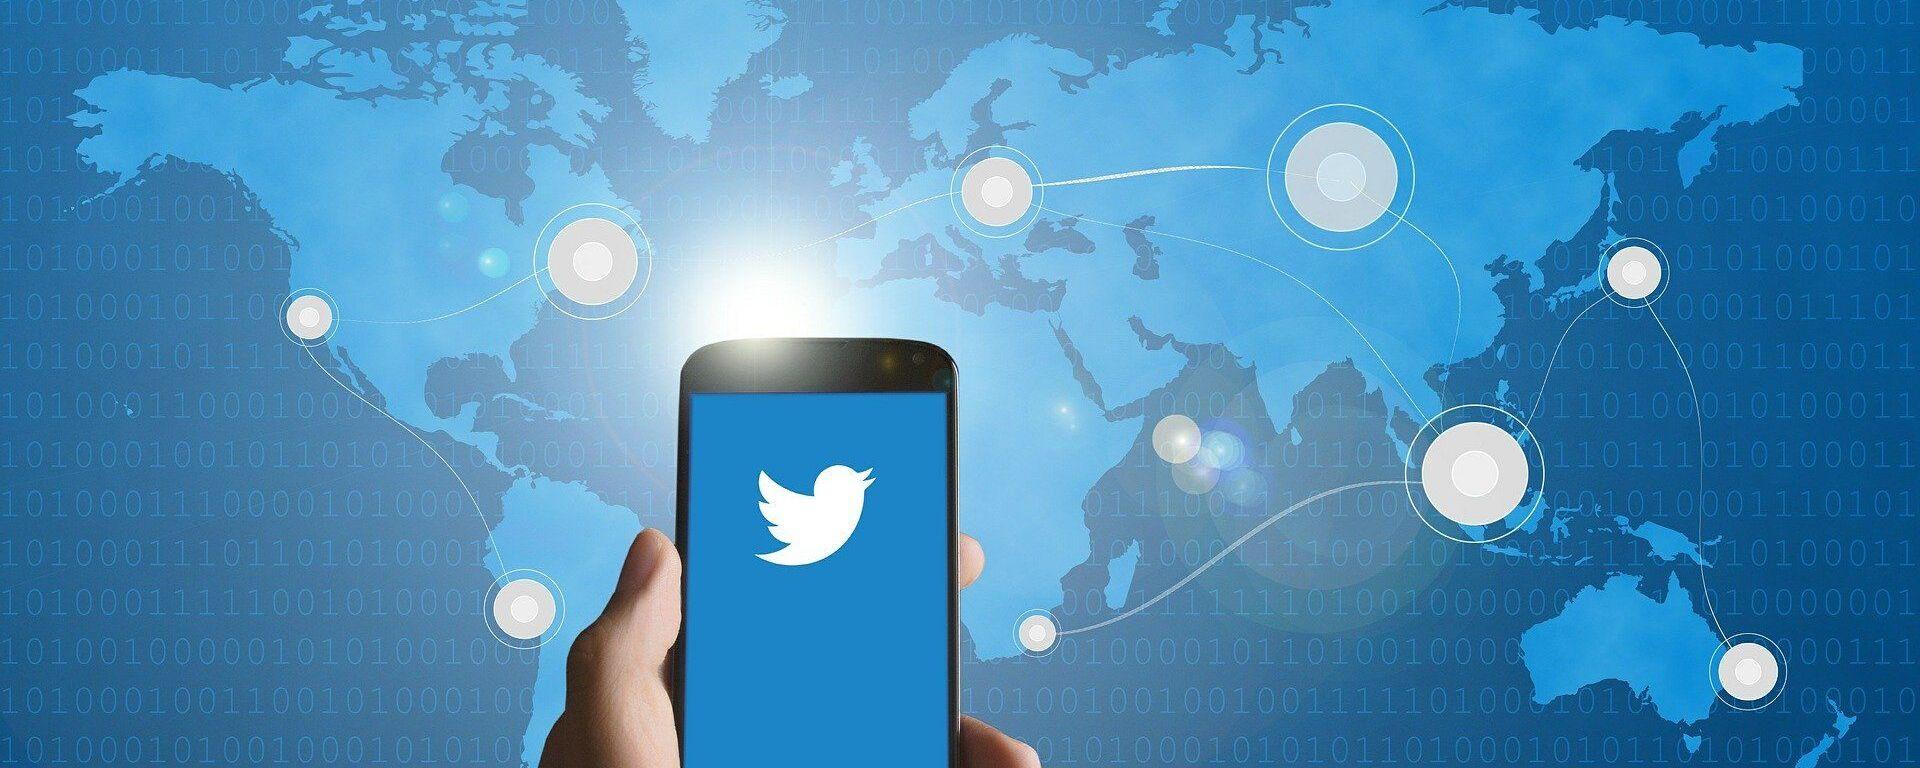 Un smartphone con el logo de Twitter (imagen referencial) - Sputnik Mundo, 1920, 18.01.2021